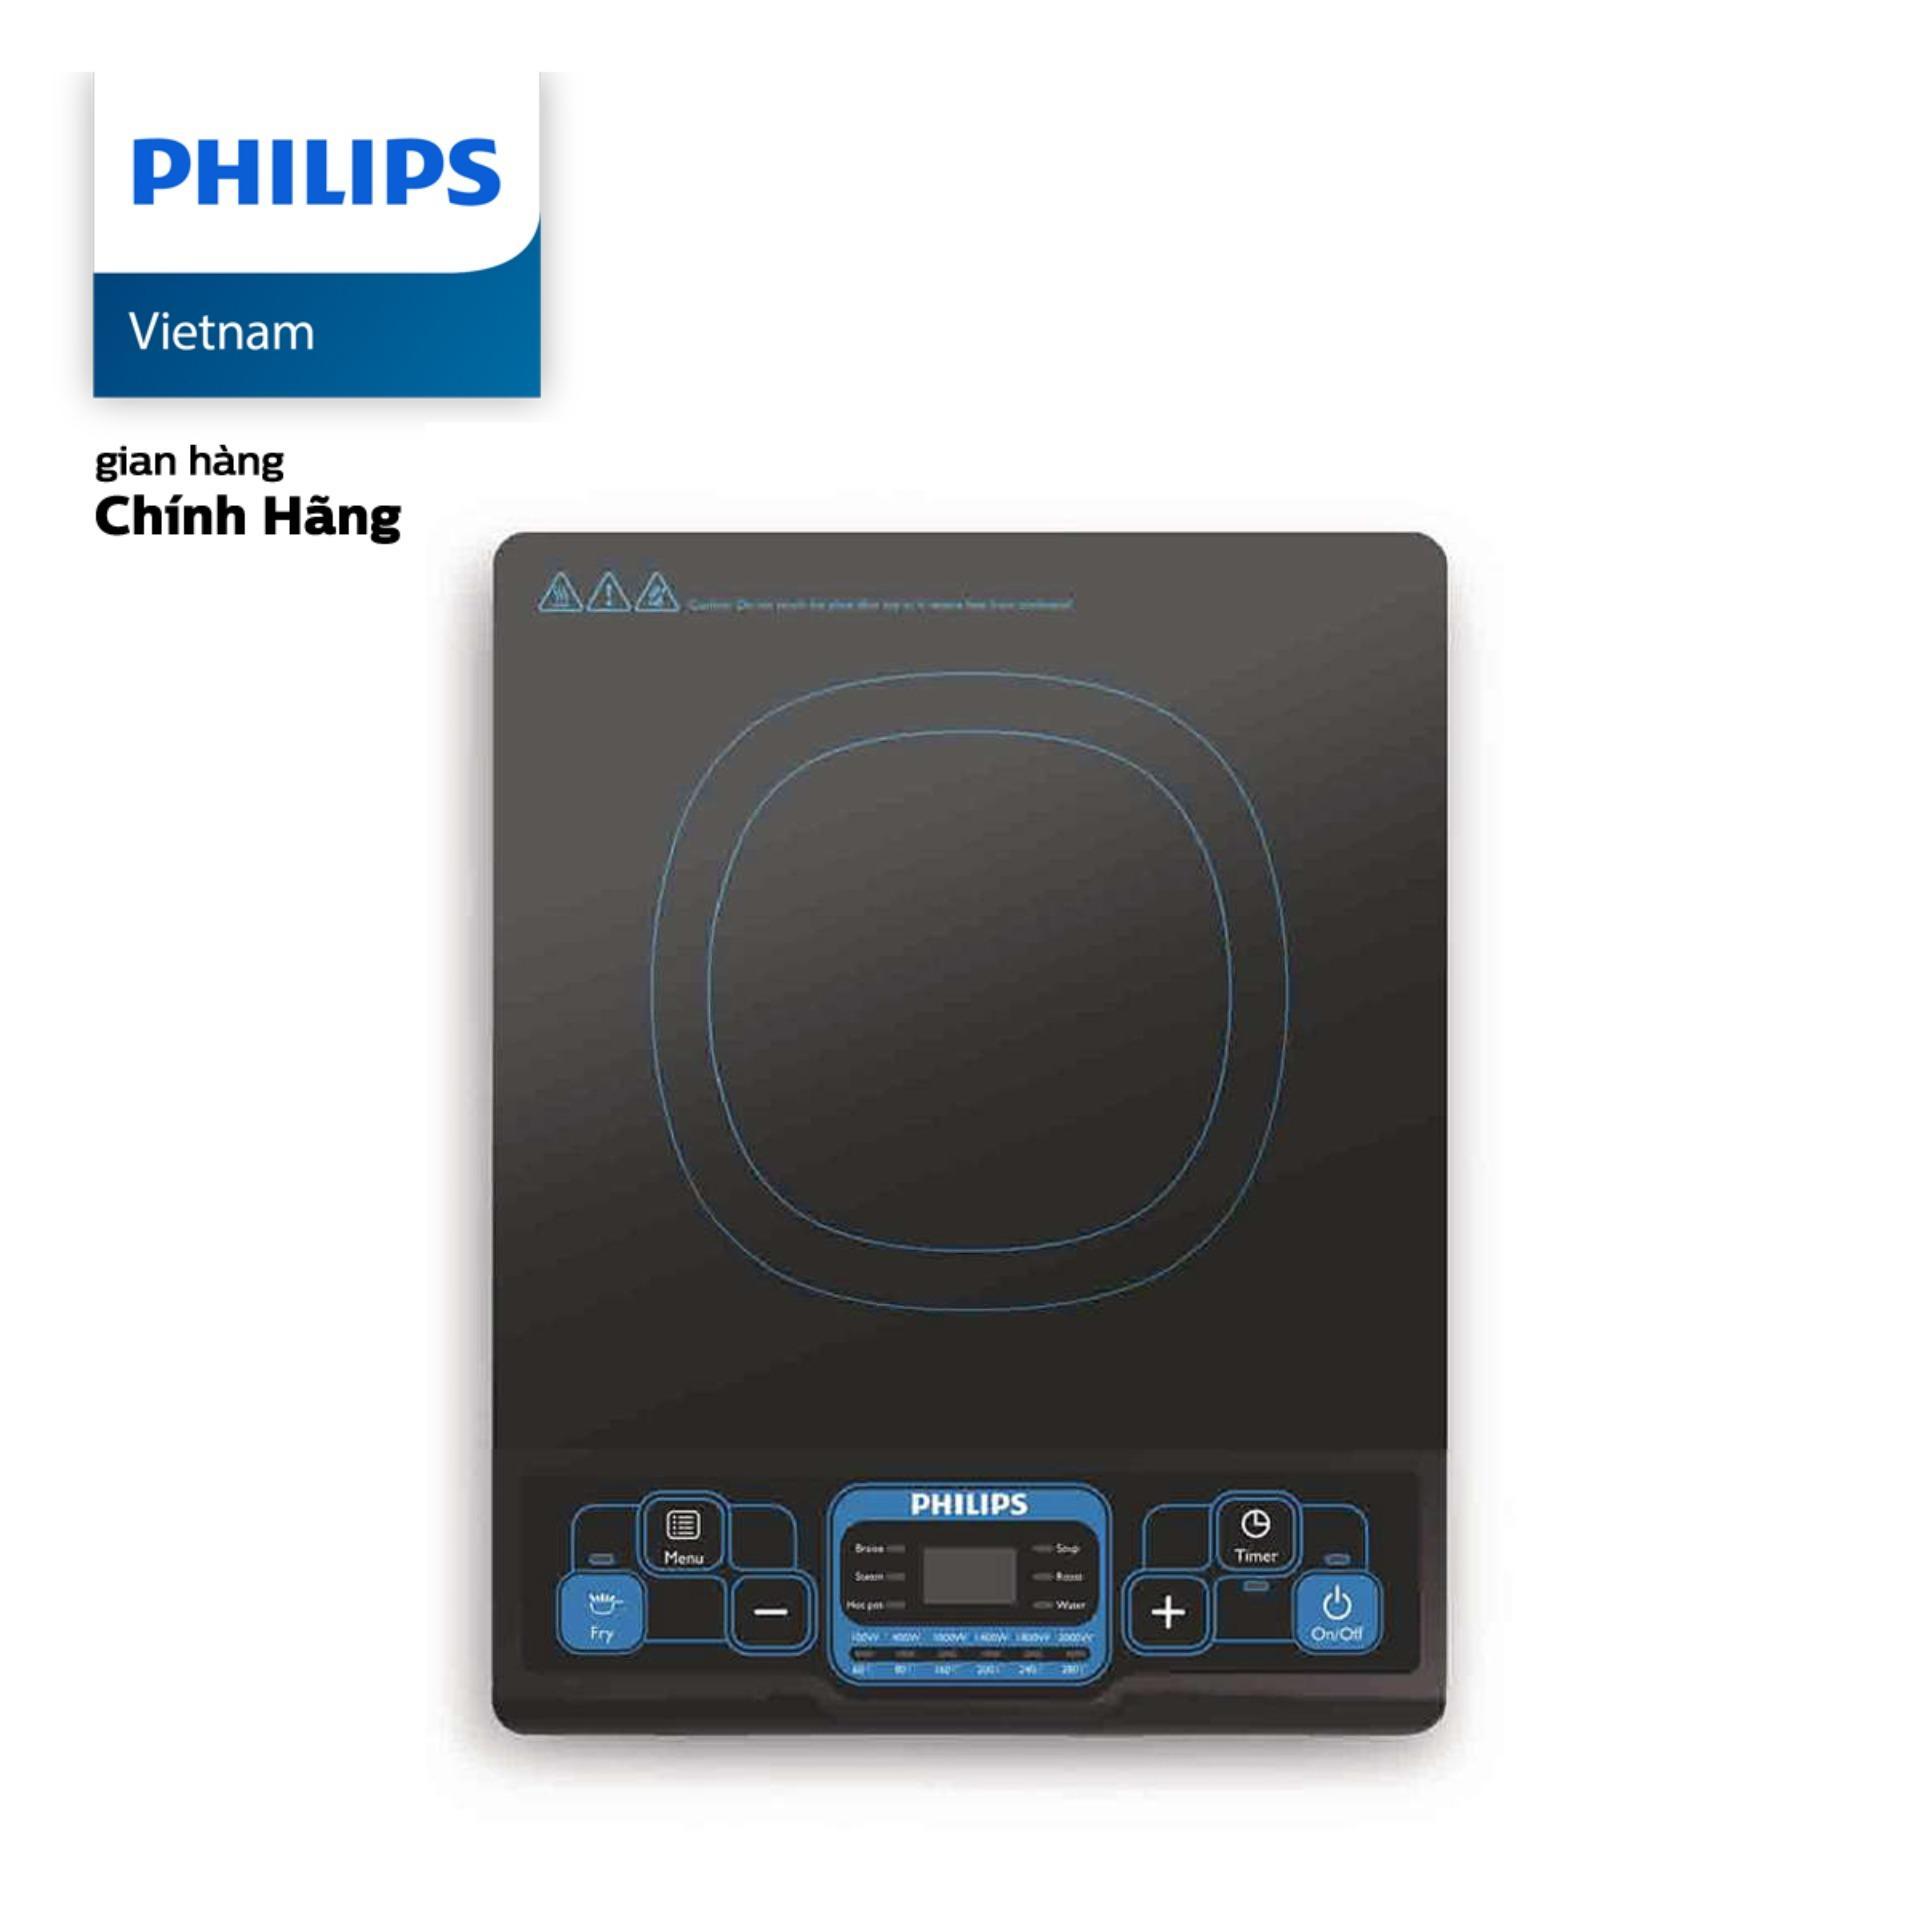 Bếp Điện Từ Philips HD4921 (Đen), Công Suất 2000W - Tặng Kèm Nồi Lẩu Inox-Bảo Hành 24 Tháng - Hàng Phân Phối Chính Hãng Đang Trong Dịp Khuyến Mãi